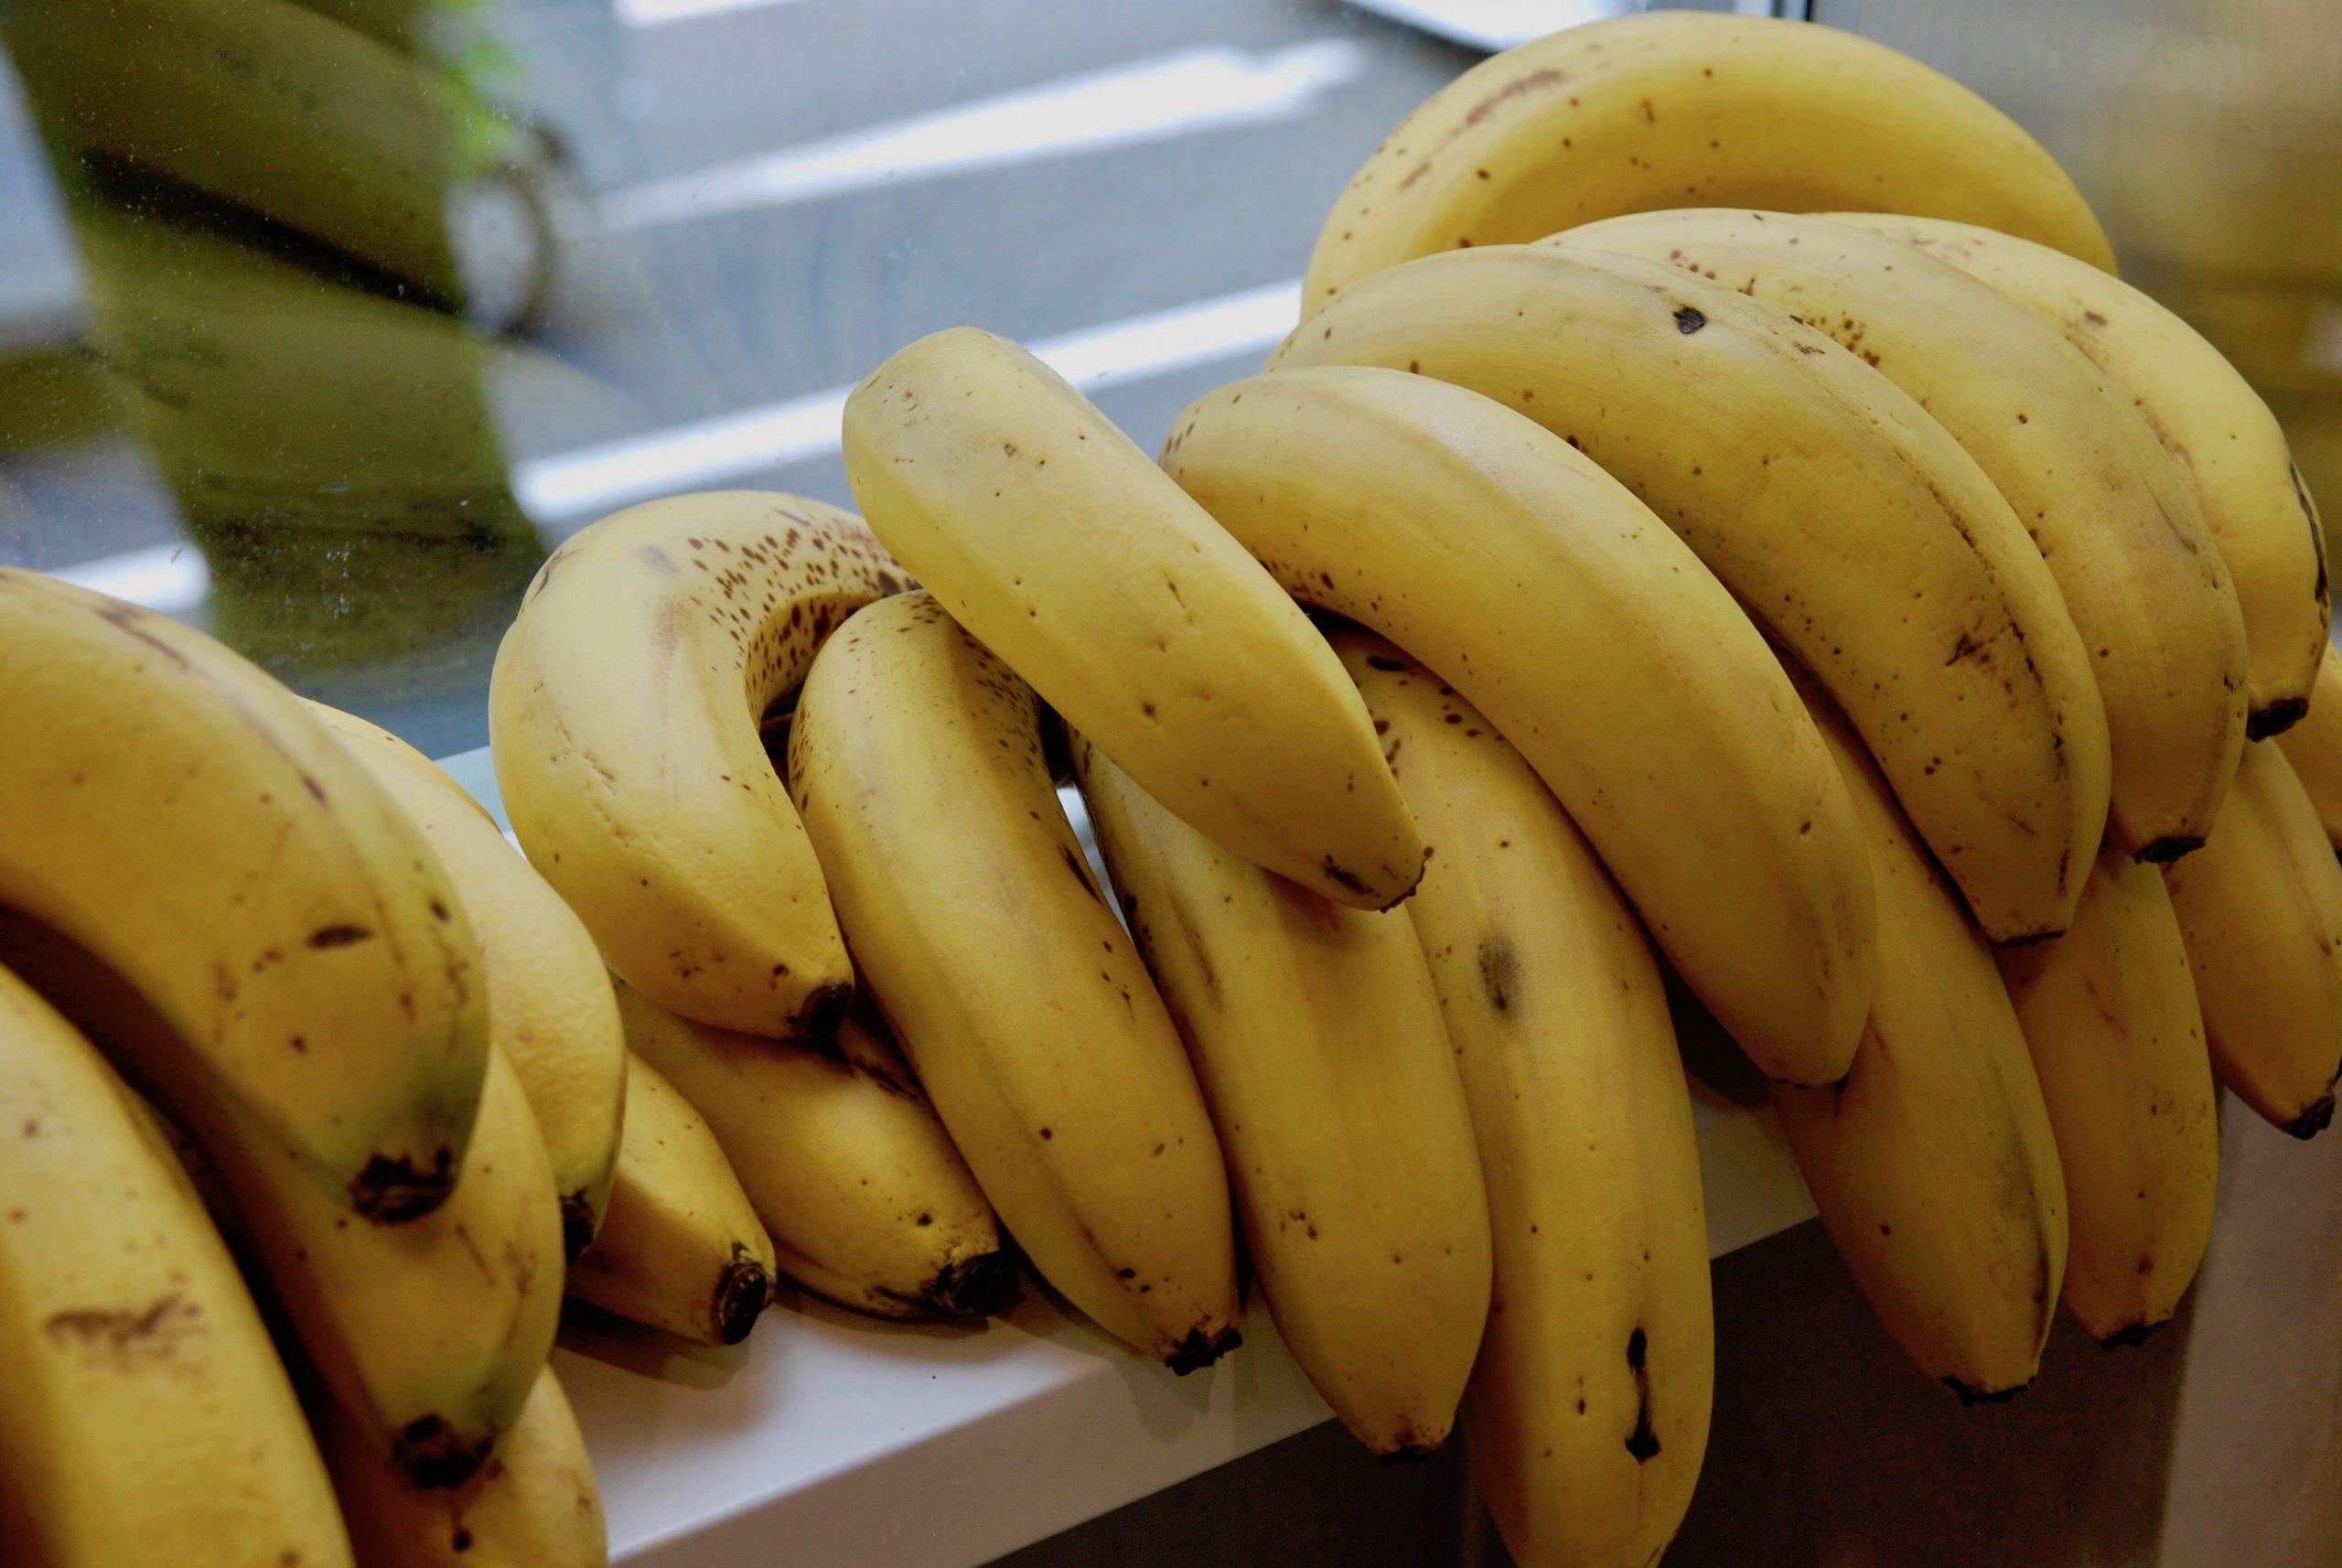 茹でる バナナ 【バナナティー】バナナを皮ごと煮た「茹で汁」で不眠症が改善する?